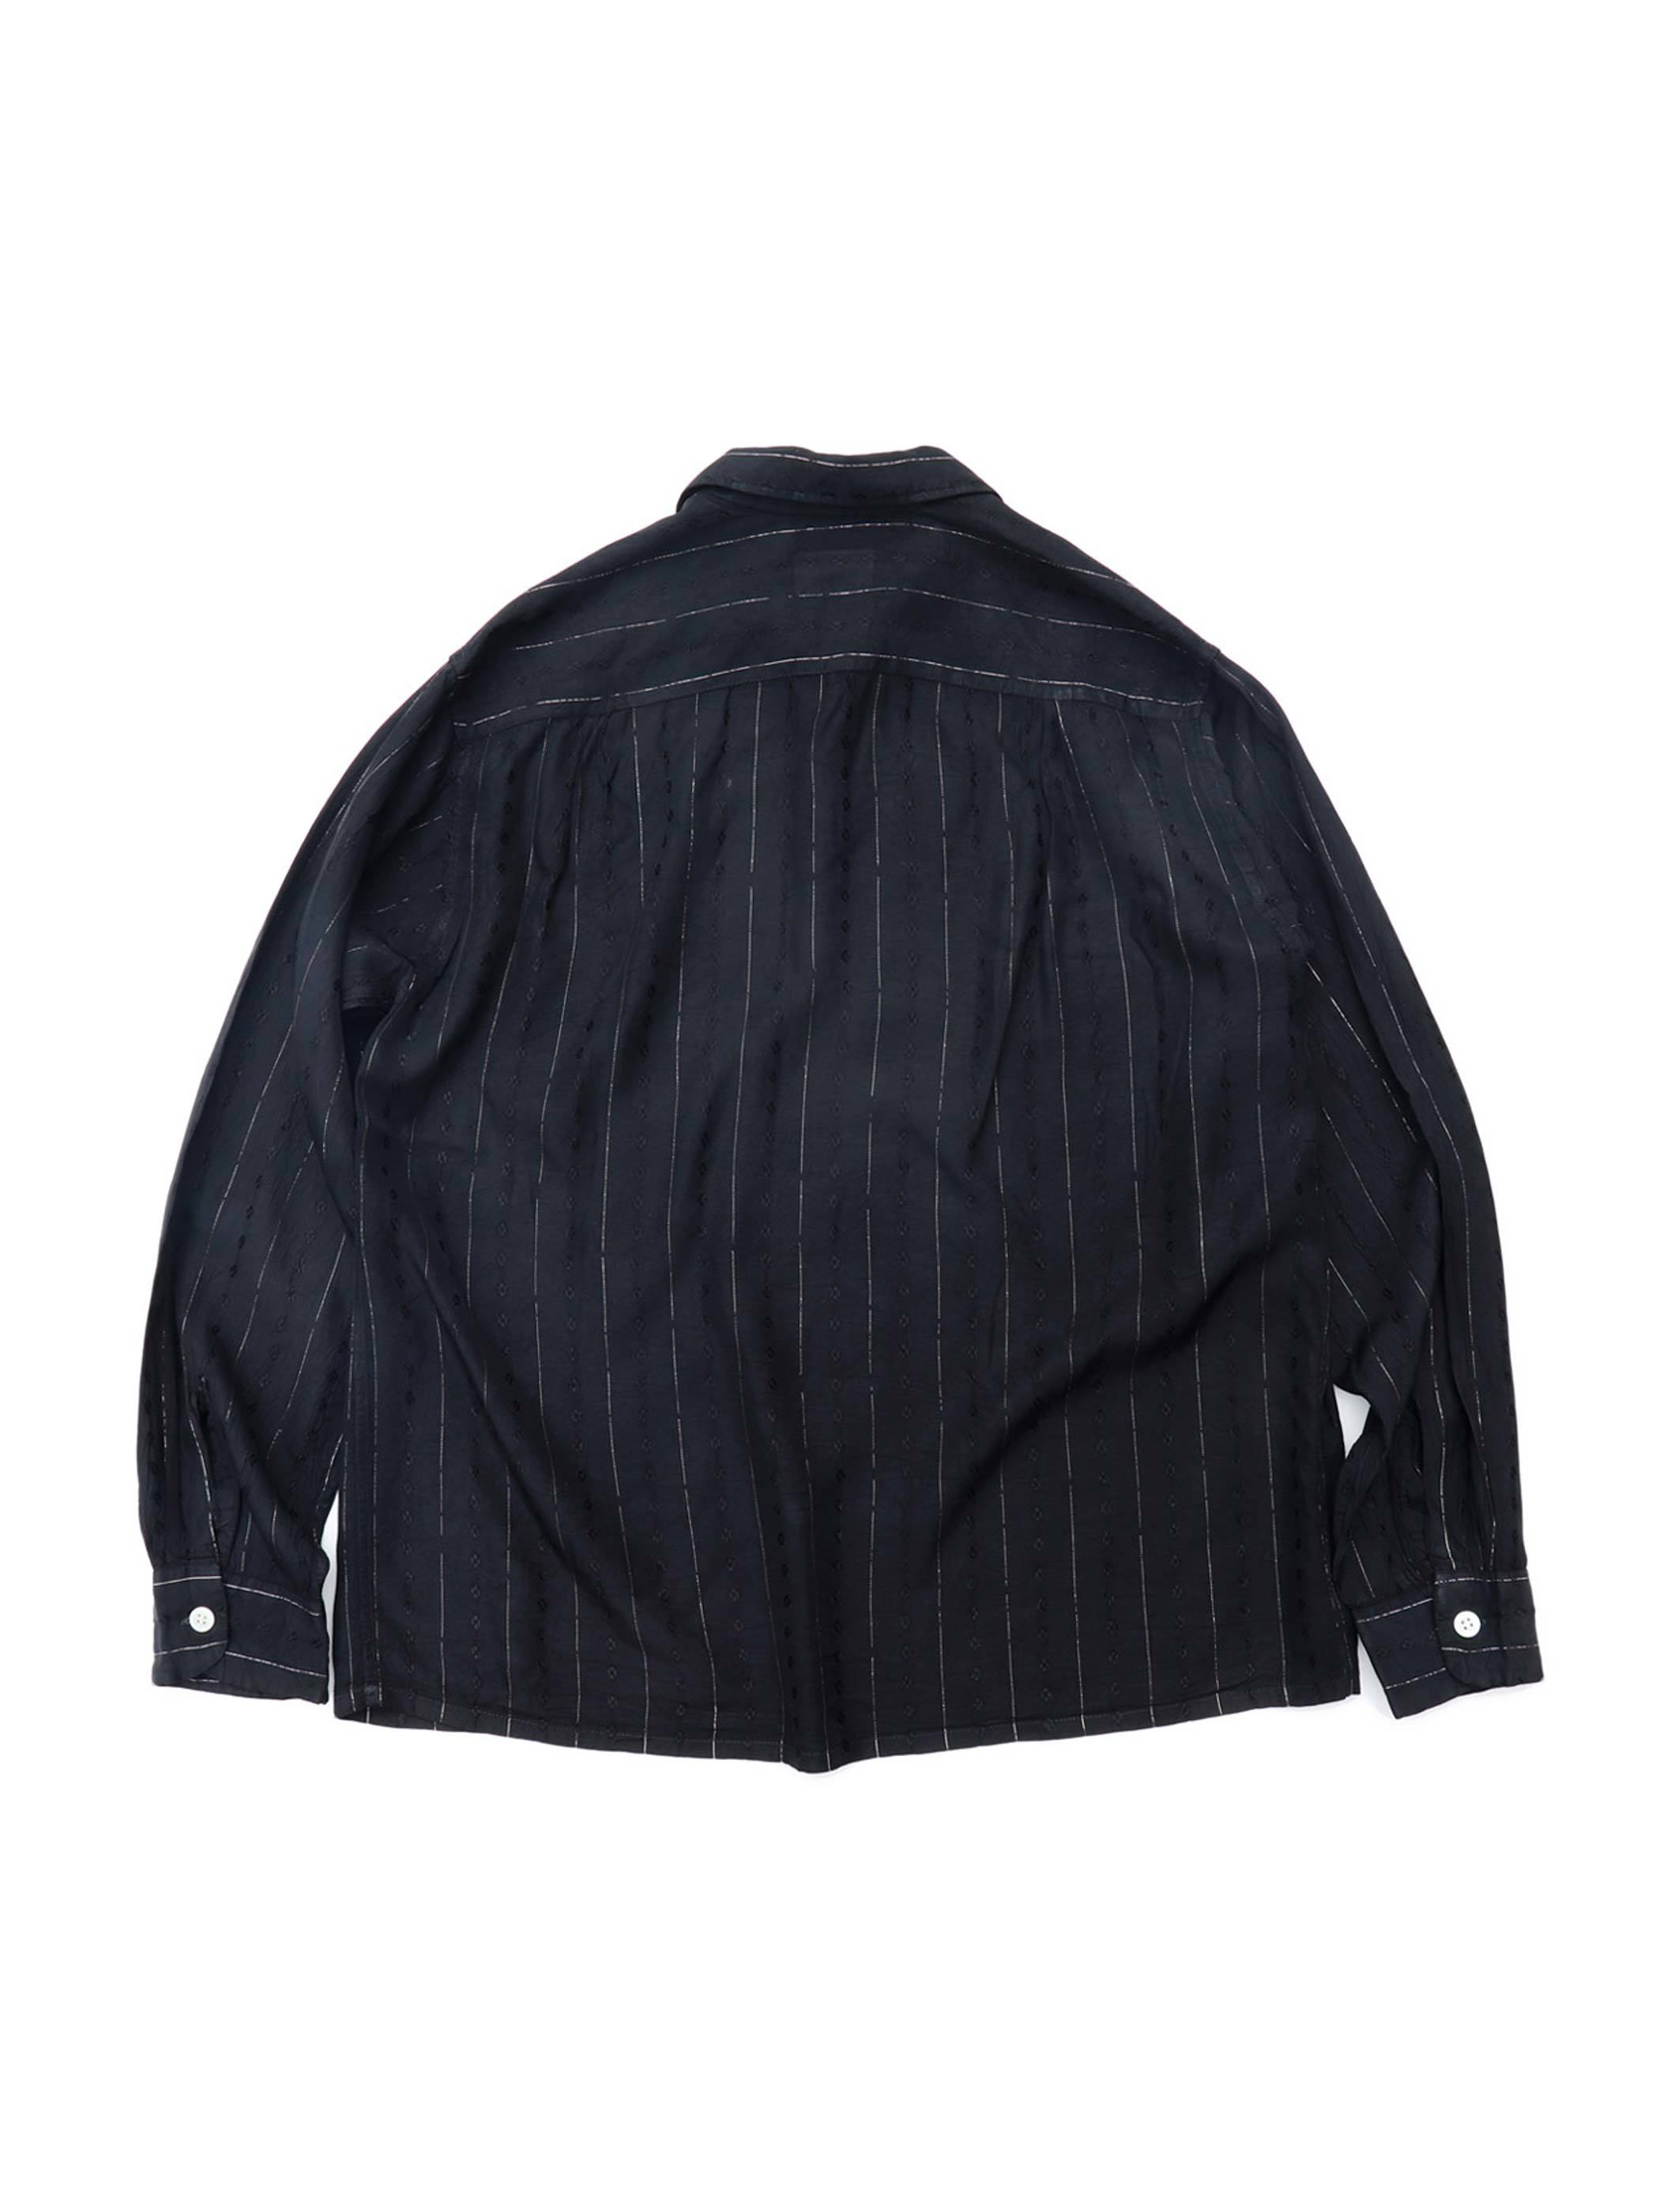 50's TOWNCRAFT ブラック オープンカラーシャツ [15-1/2]